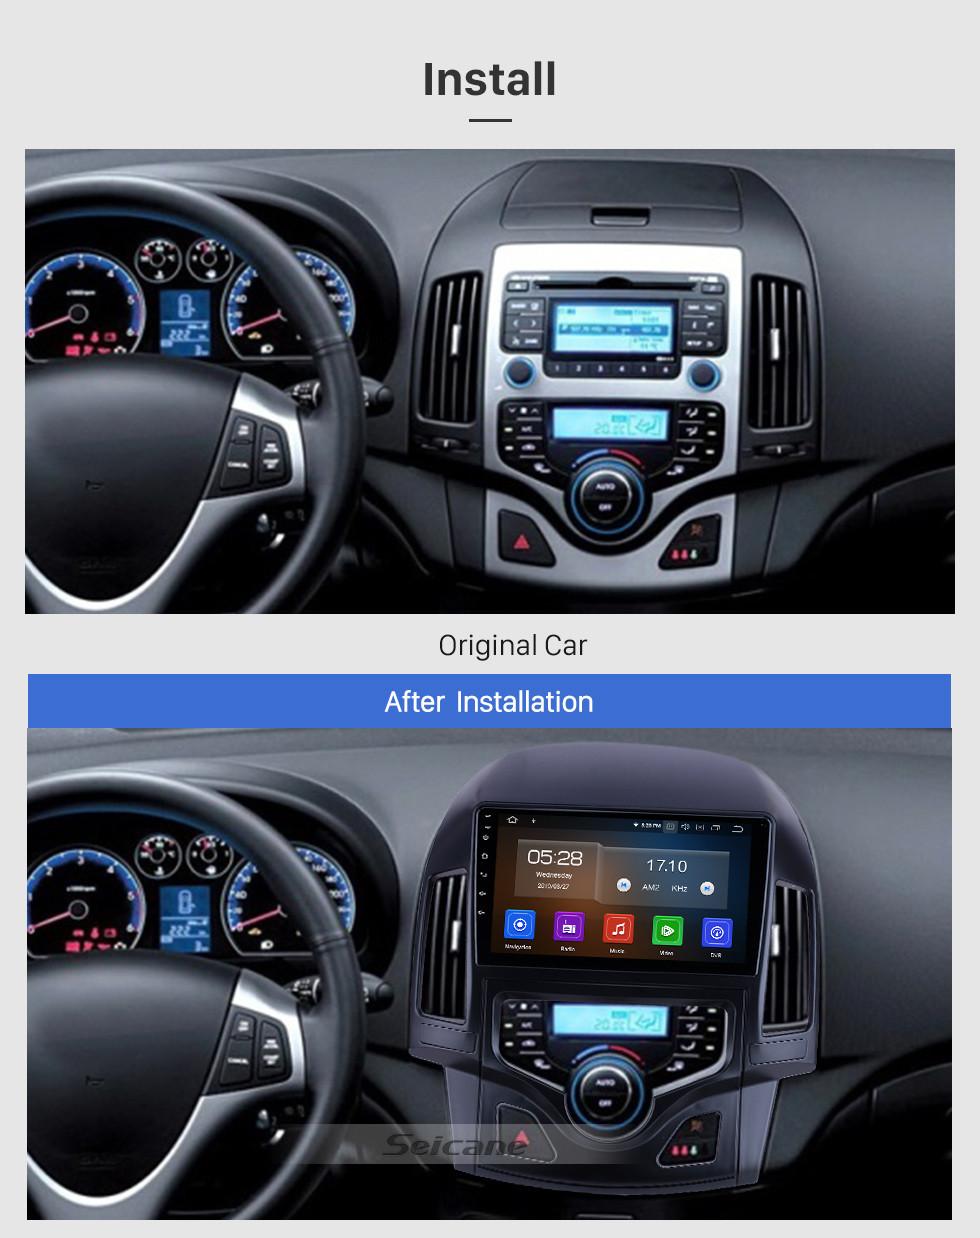 Seicane 9 дюймов Для 2008 2009 2010 2011 Hyundai i30 LHD Авто A / C Радио Android 9.0 GPS Навигационная система Bluetooth HD Сенсорный экран Поддержка Carplay OBD2